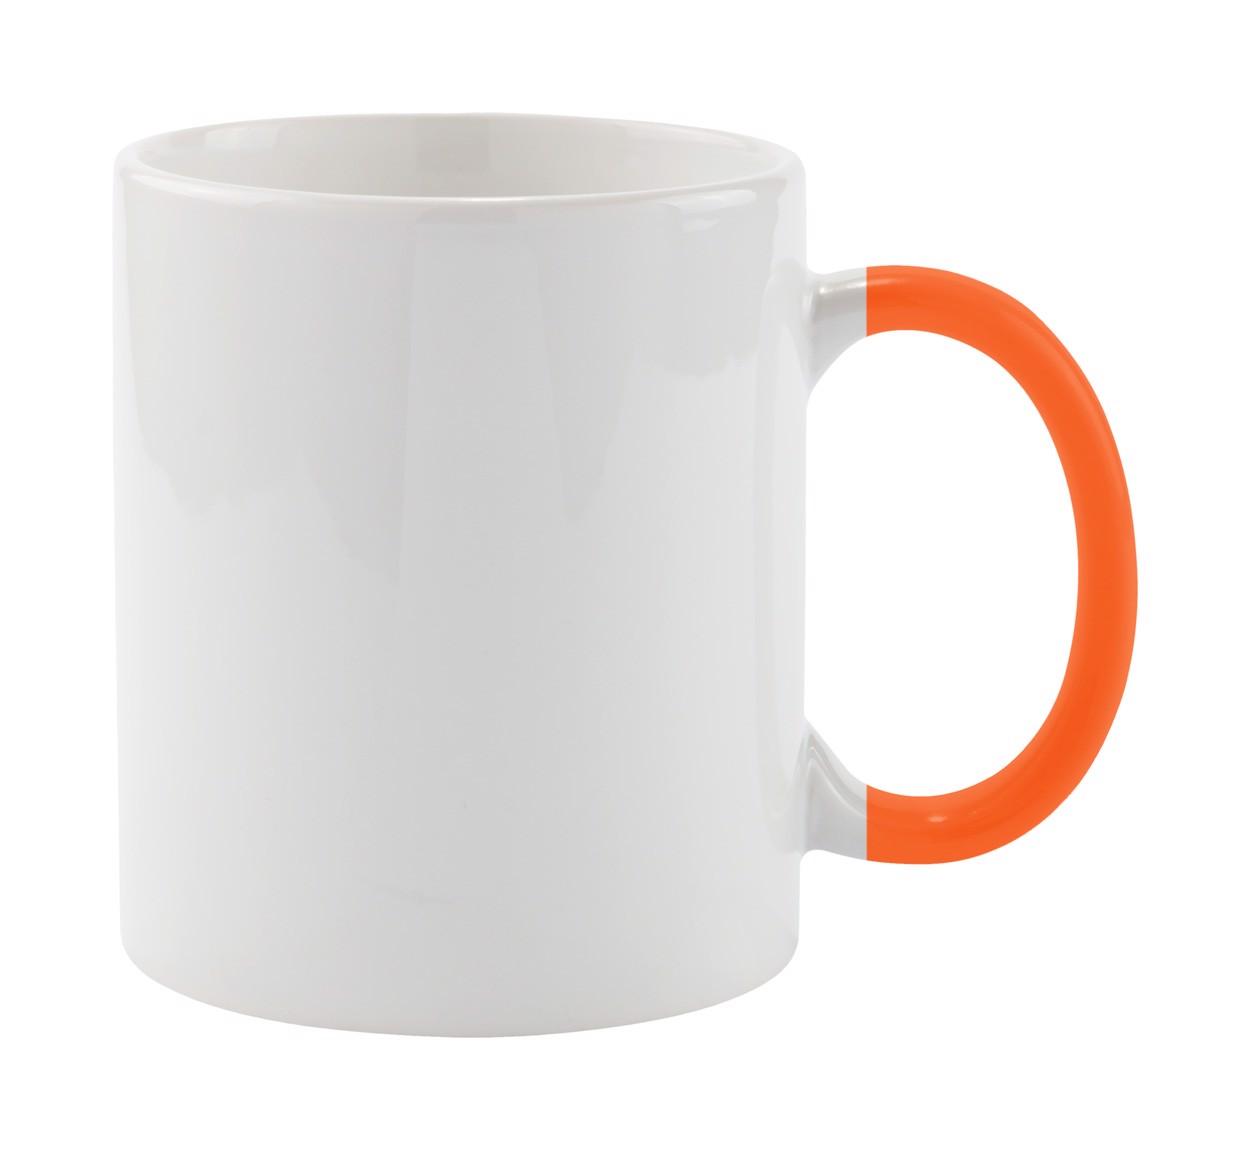 Hrnek Plesik - Bílá / Oranžová